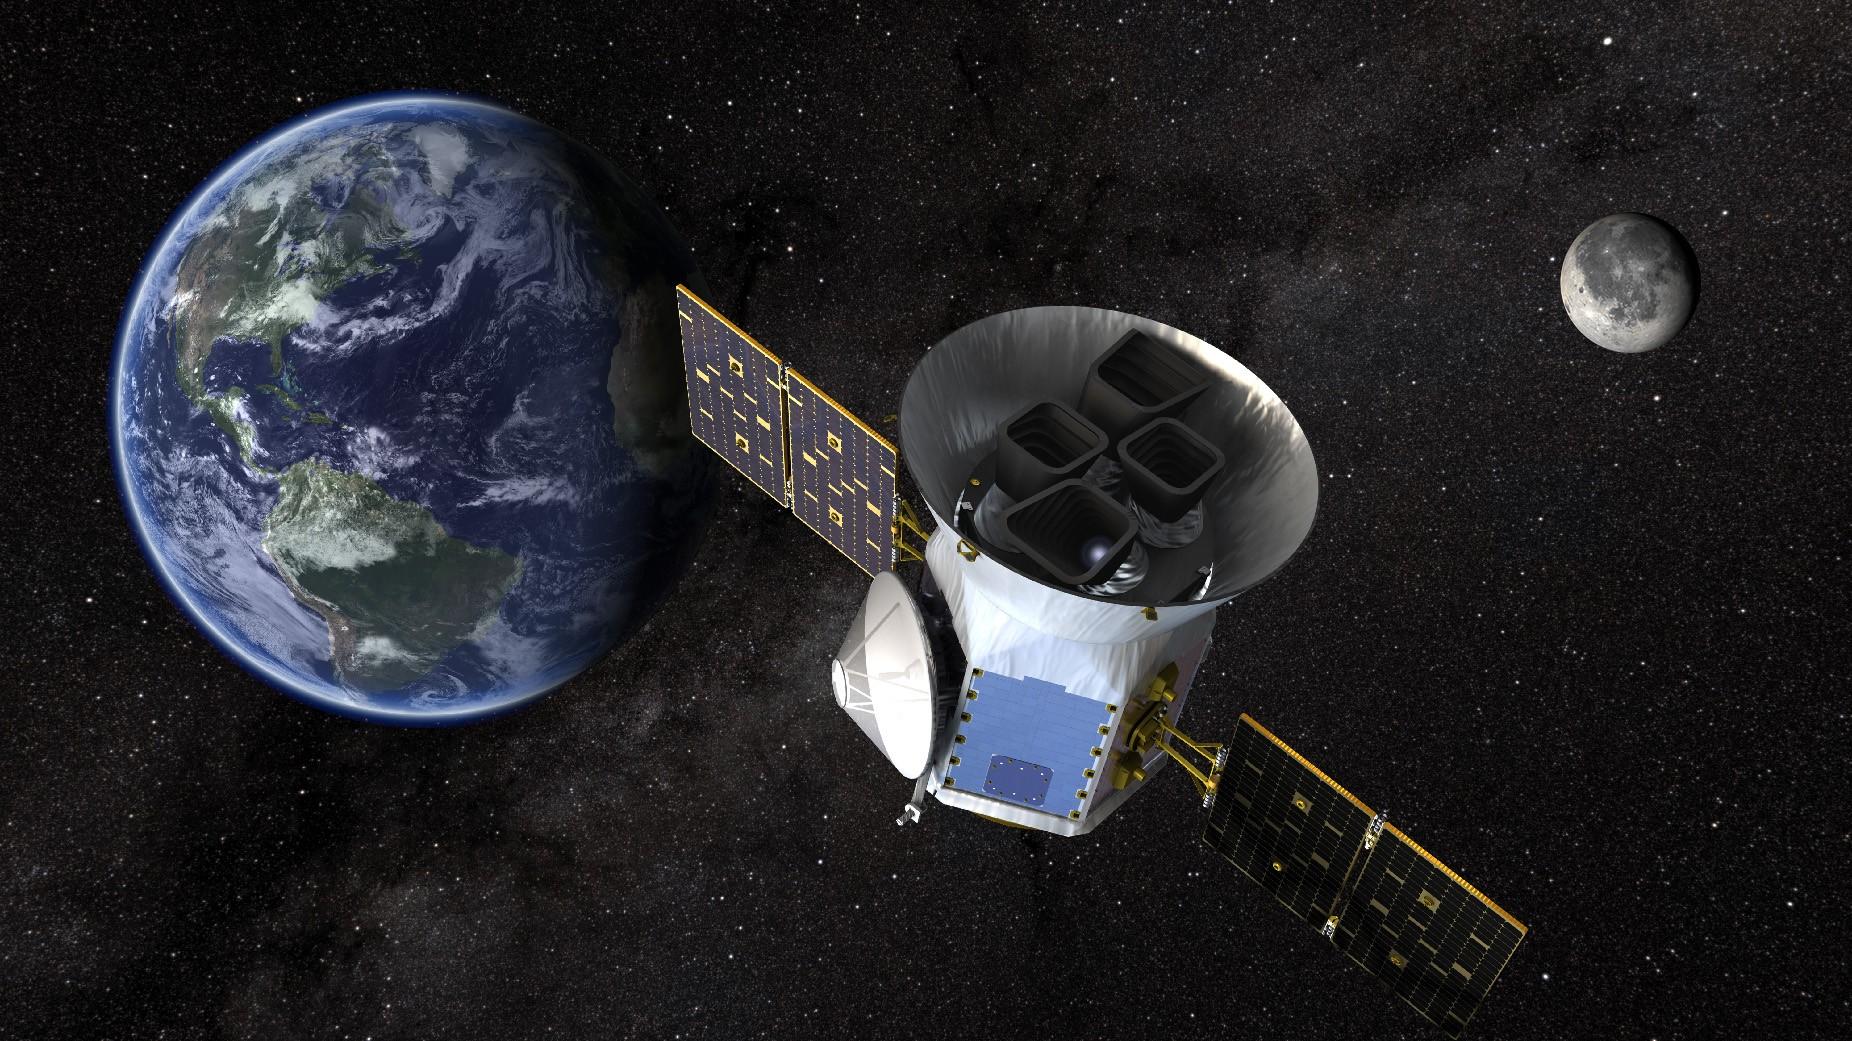 Satélite TESS vai monitorar mais de 200 mil estrelas próximas e brilhantes à procura de exoplanetas (Foto: NASA / Goddard Space Flight Center)